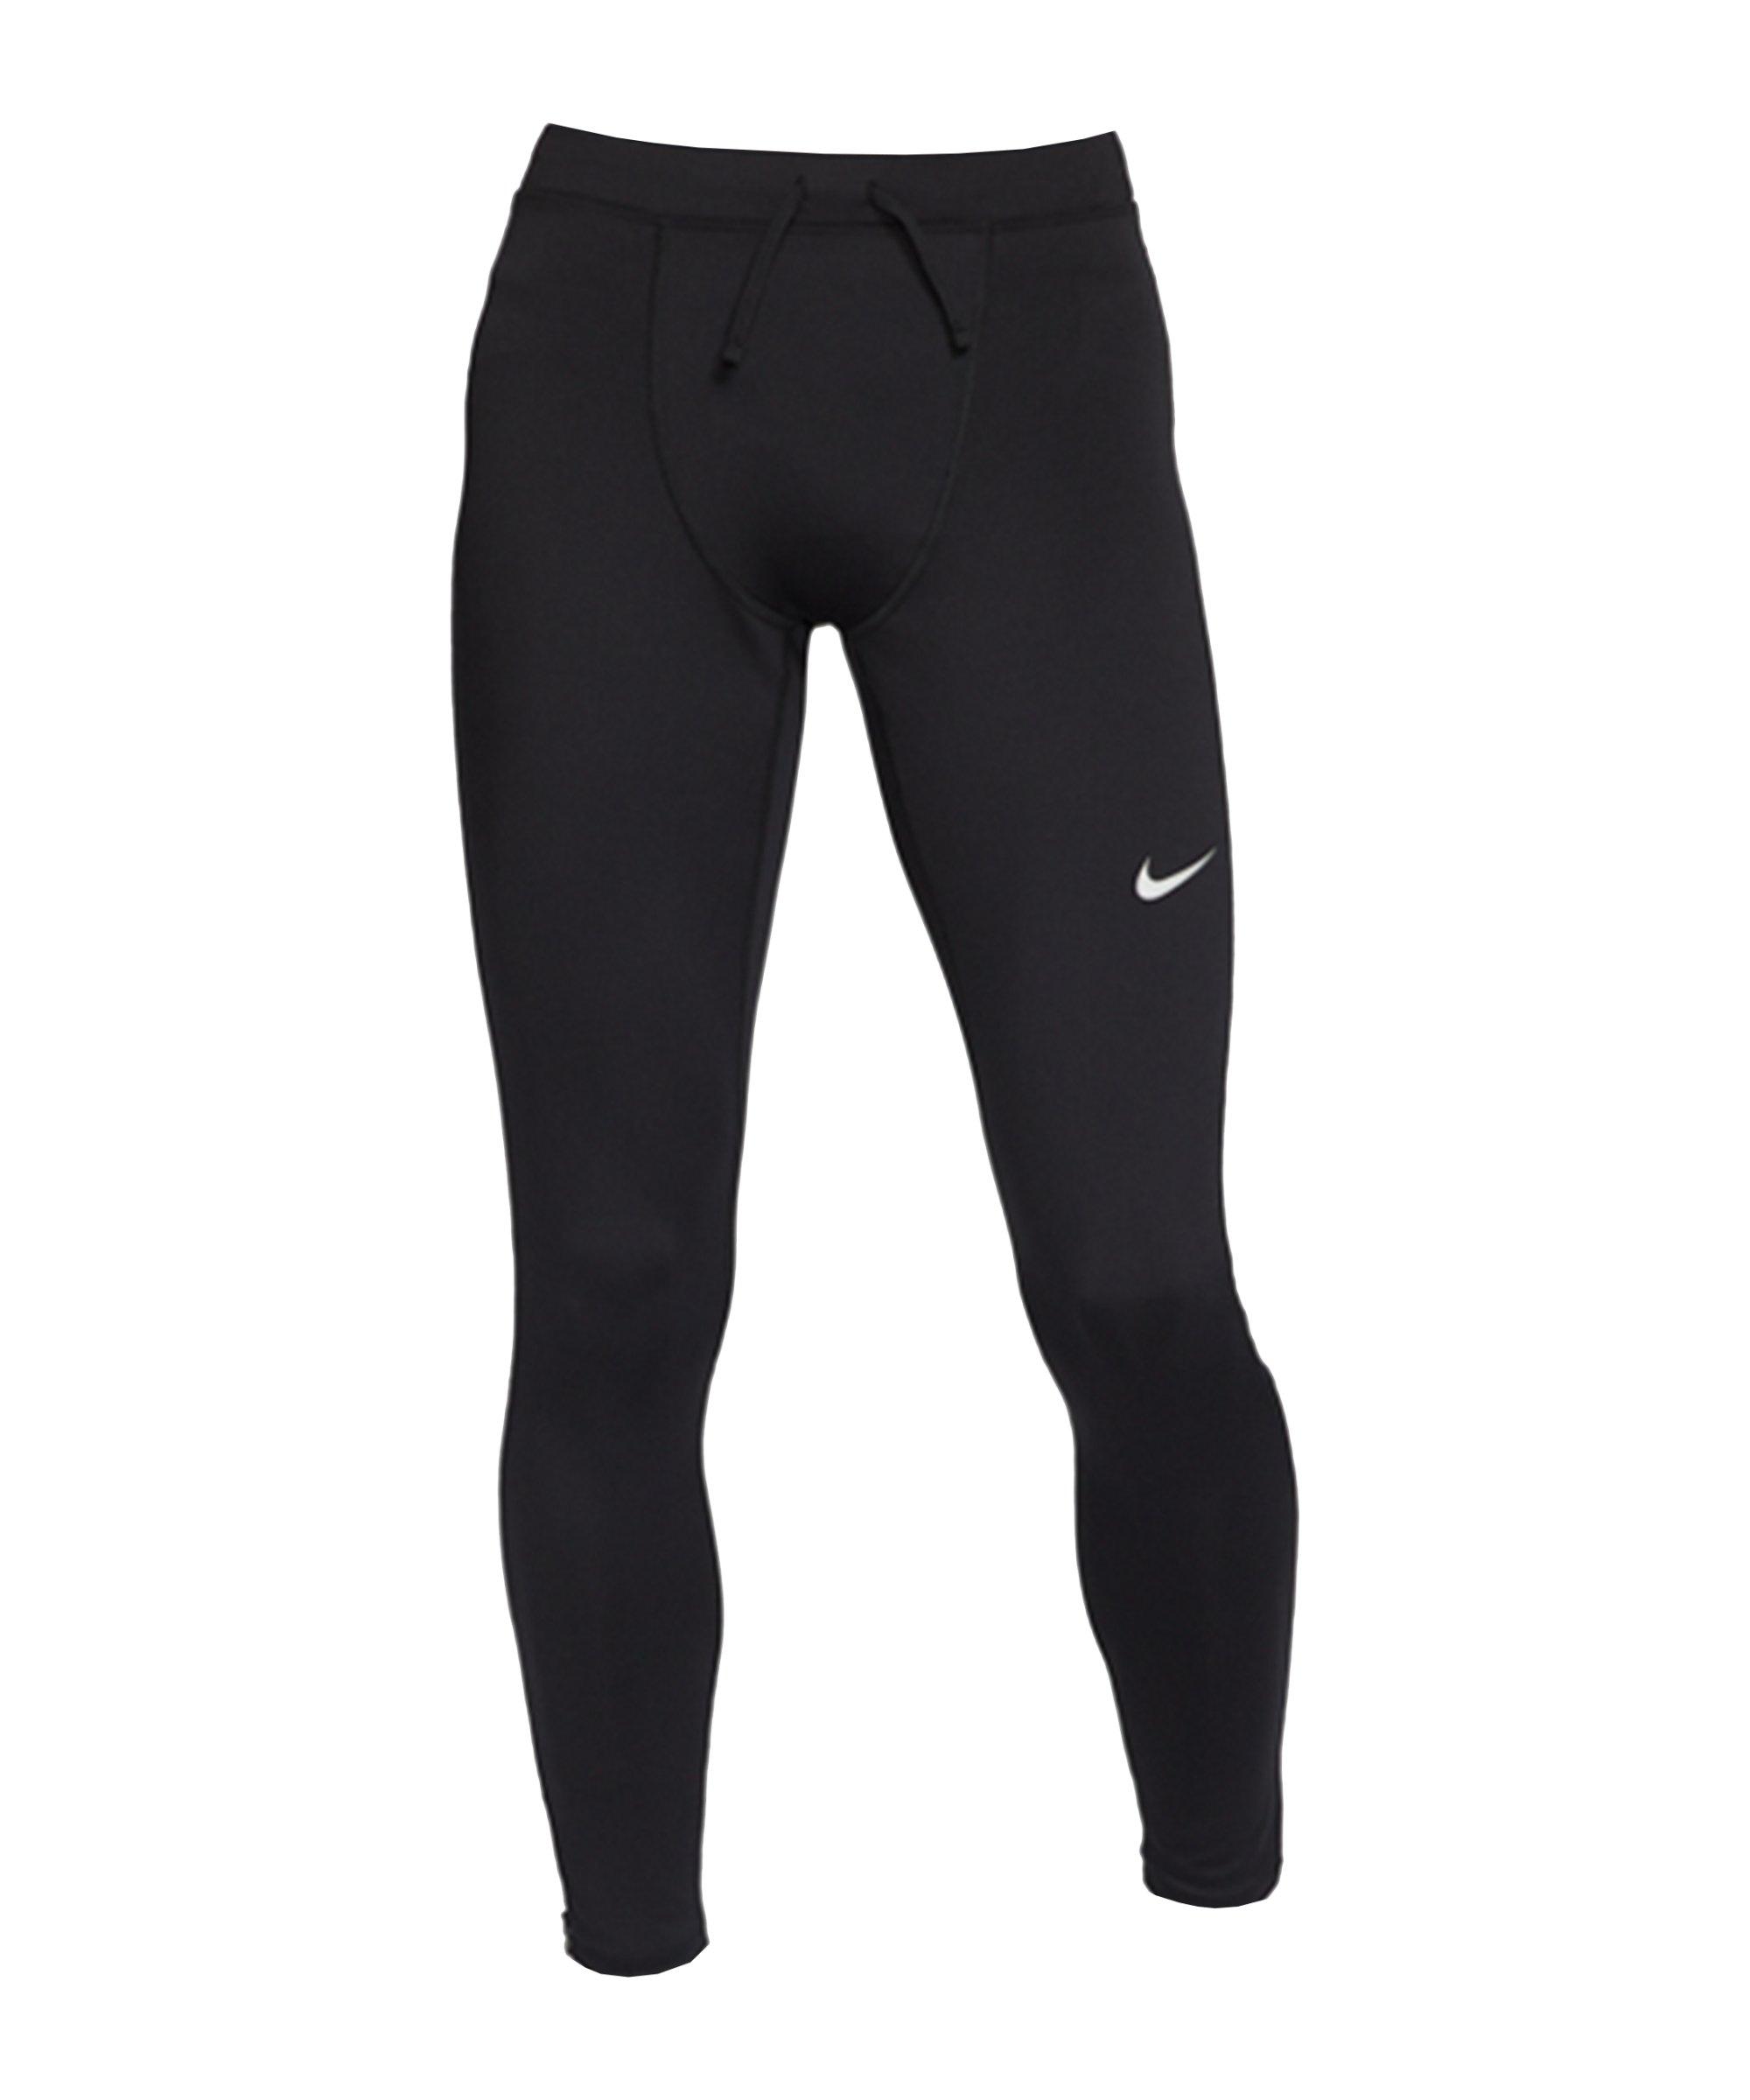 Nike Challenger Tight Running Schwarz F010 - schwarz